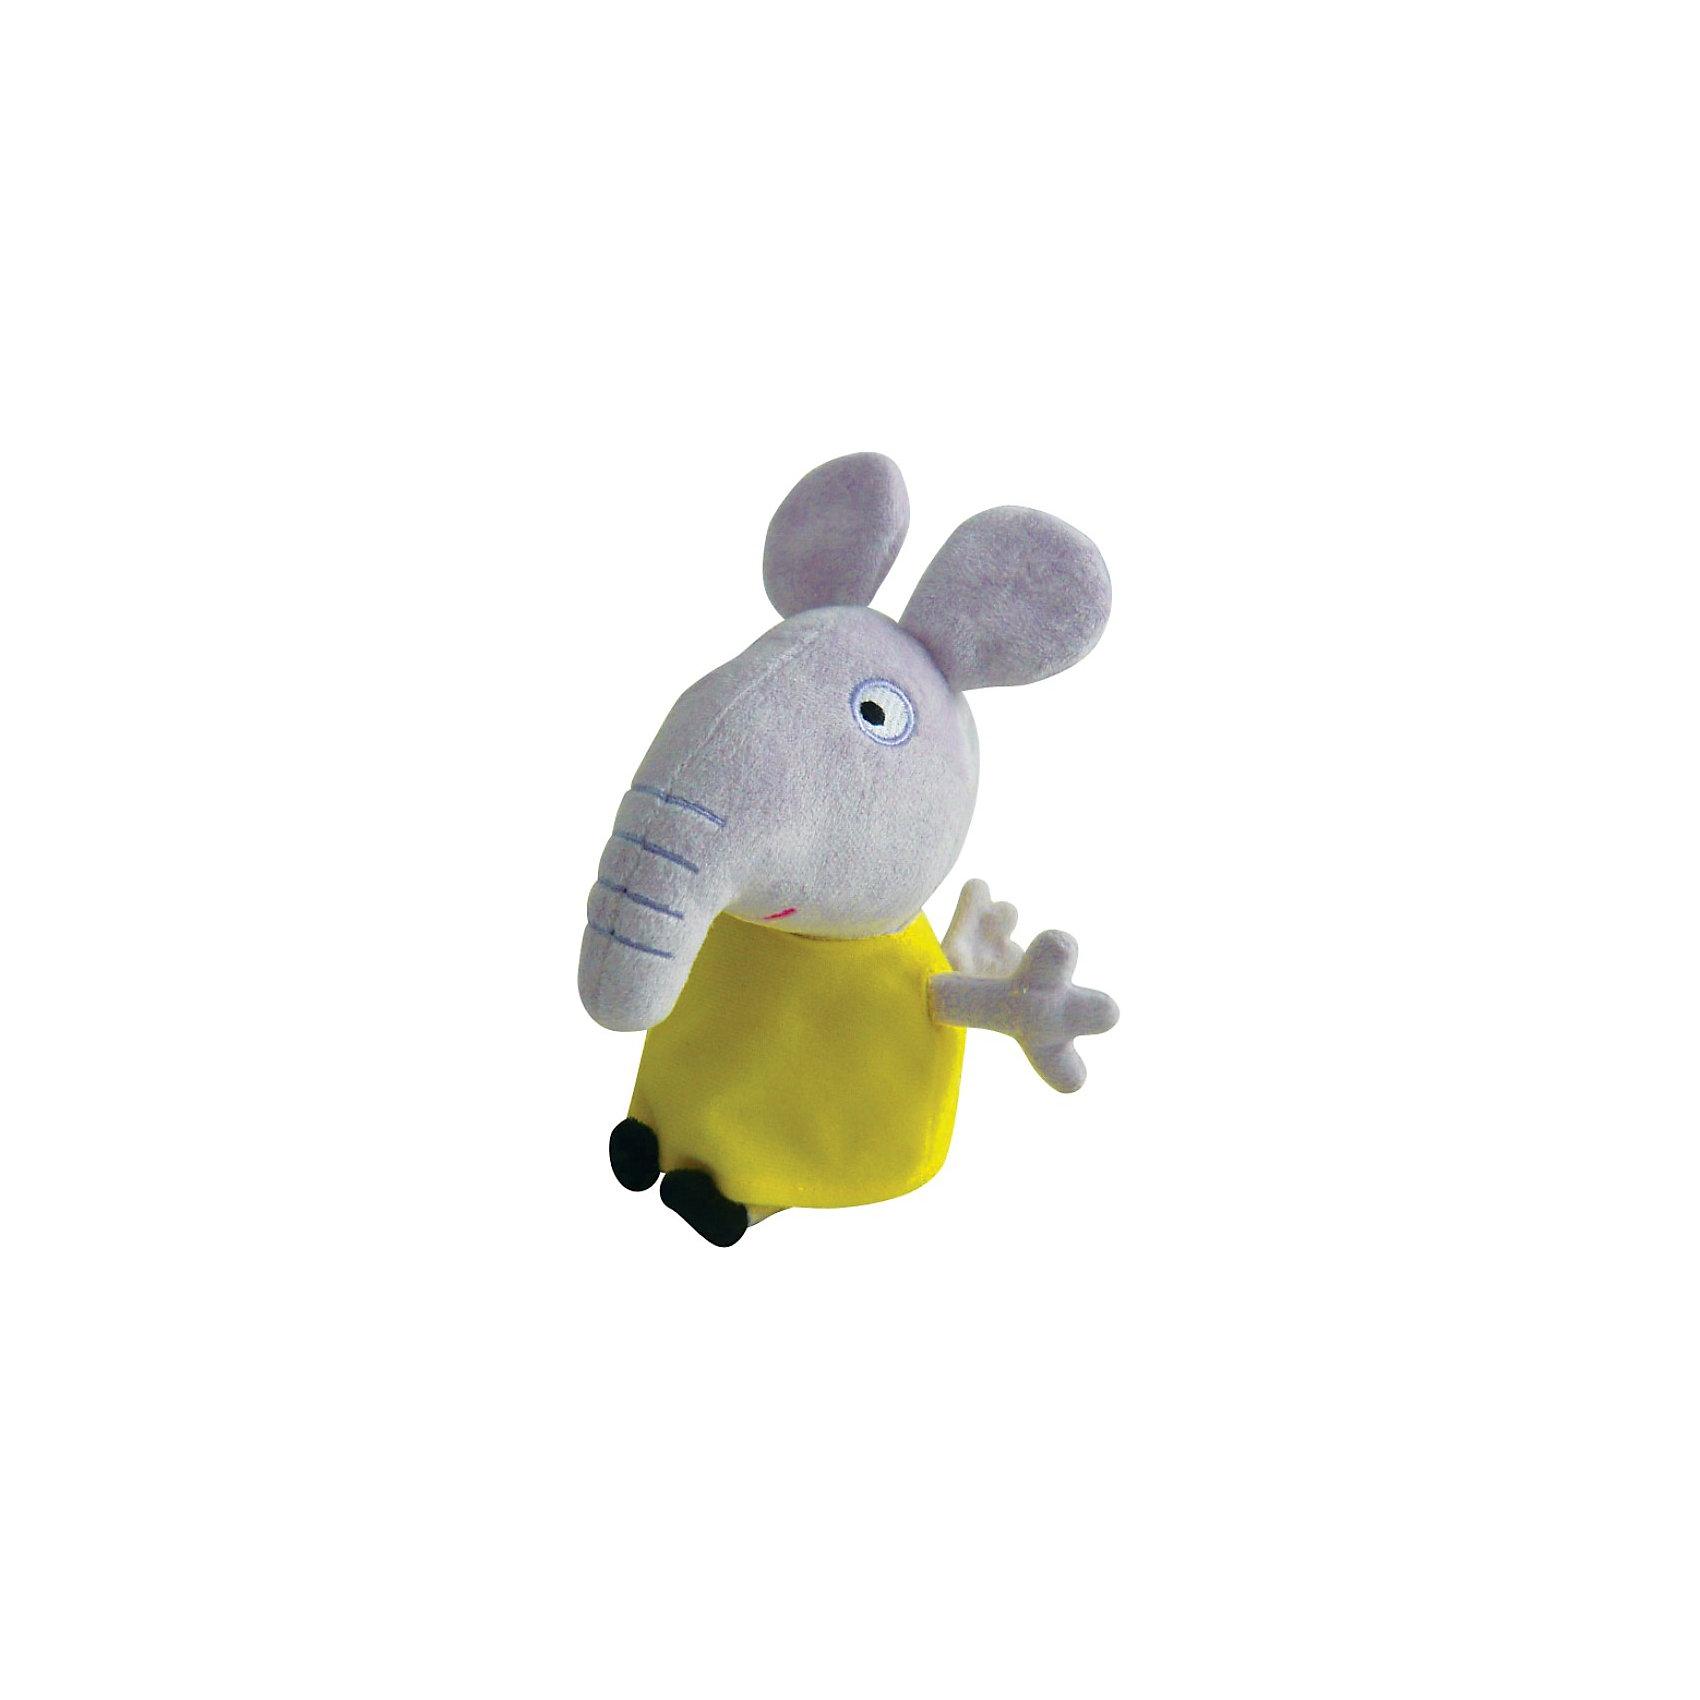 Игрушка  Слоник Эмили, 20 см, Свинка ПеппаИгрушки<br>Мягкая Игрушка  Слоник Эмили  Свинка Пеппа (Peppa Pig ) понравится любой малышке. Она составит компанию в игре, на прогулке или в детском саду, разделит с малюткой безмятежные сновидения во время отдыха. Эмили одета в яркое желтое платьице, которое можно легко снимать и одевать. Эта очаровательная мягкая игрушка очень приятна на ощупь, так как изготовлена из велюровой ткани и плотно набита.  Изготовленная из высококачественных гипоаллергенных материалов, она абсолютно безопасна для детей.<br><br>Дополнительная информация: <br> <br>- Материал: текстиль, синтепон.<br>- Размер: 20 см (с ножками).<br>- Цвет: серый, черный, желтый.<br><br>Игрушку Слоник Эмили, 20 см, Свинка Пеппа (Peppa Pig ) можно купить в нашем магазине.<br><br>Ширина мм: 100<br>Глубина мм: 80<br>Высота мм: 200<br>Вес г: 70<br>Возраст от месяцев: 36<br>Возраст до месяцев: 2147483647<br>Пол: Унисекс<br>Возраст: Детский<br>SKU: 3905910